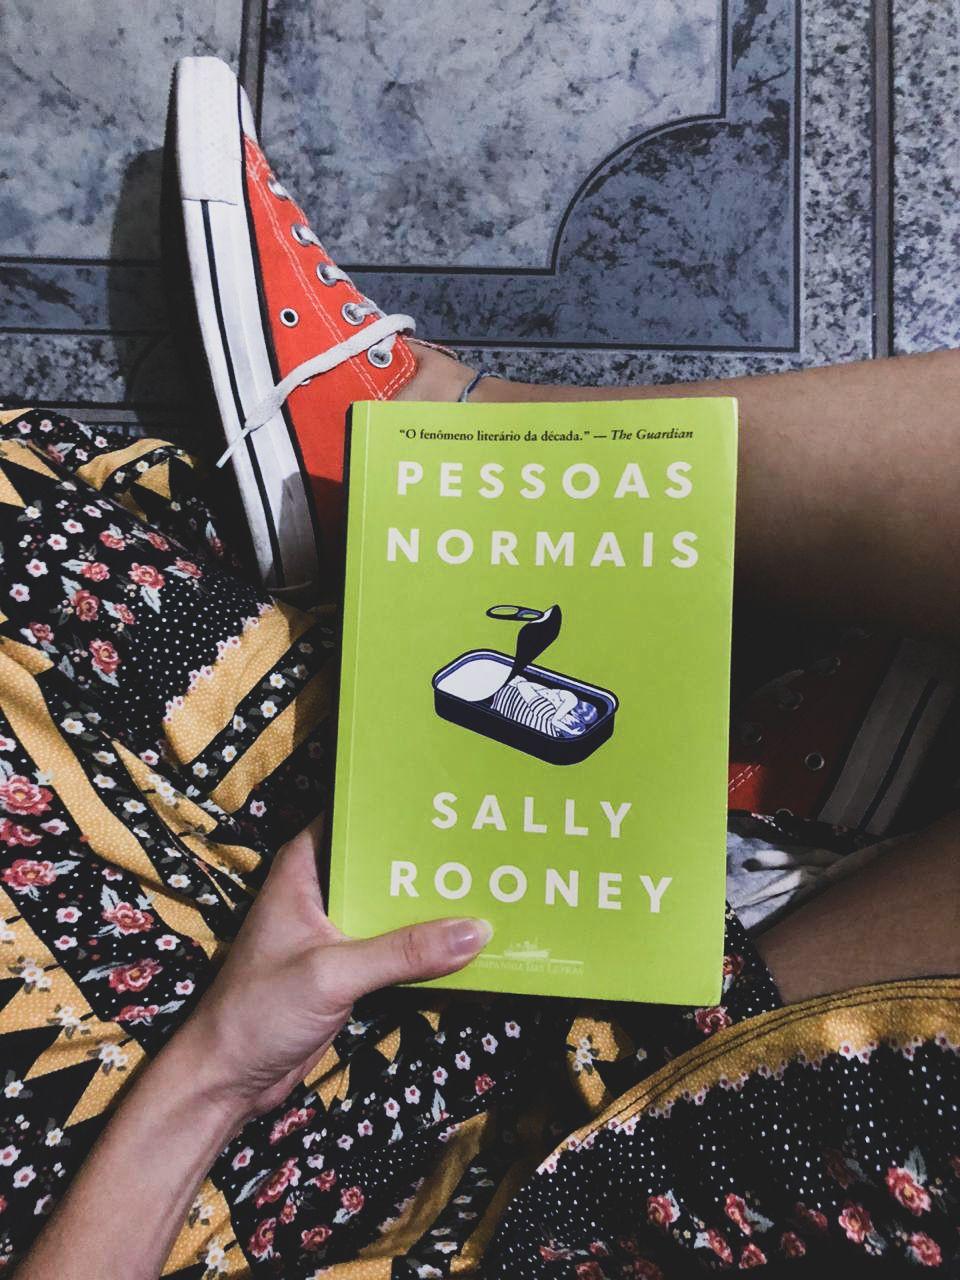 resenha do livro pessoas normais de sally rooney